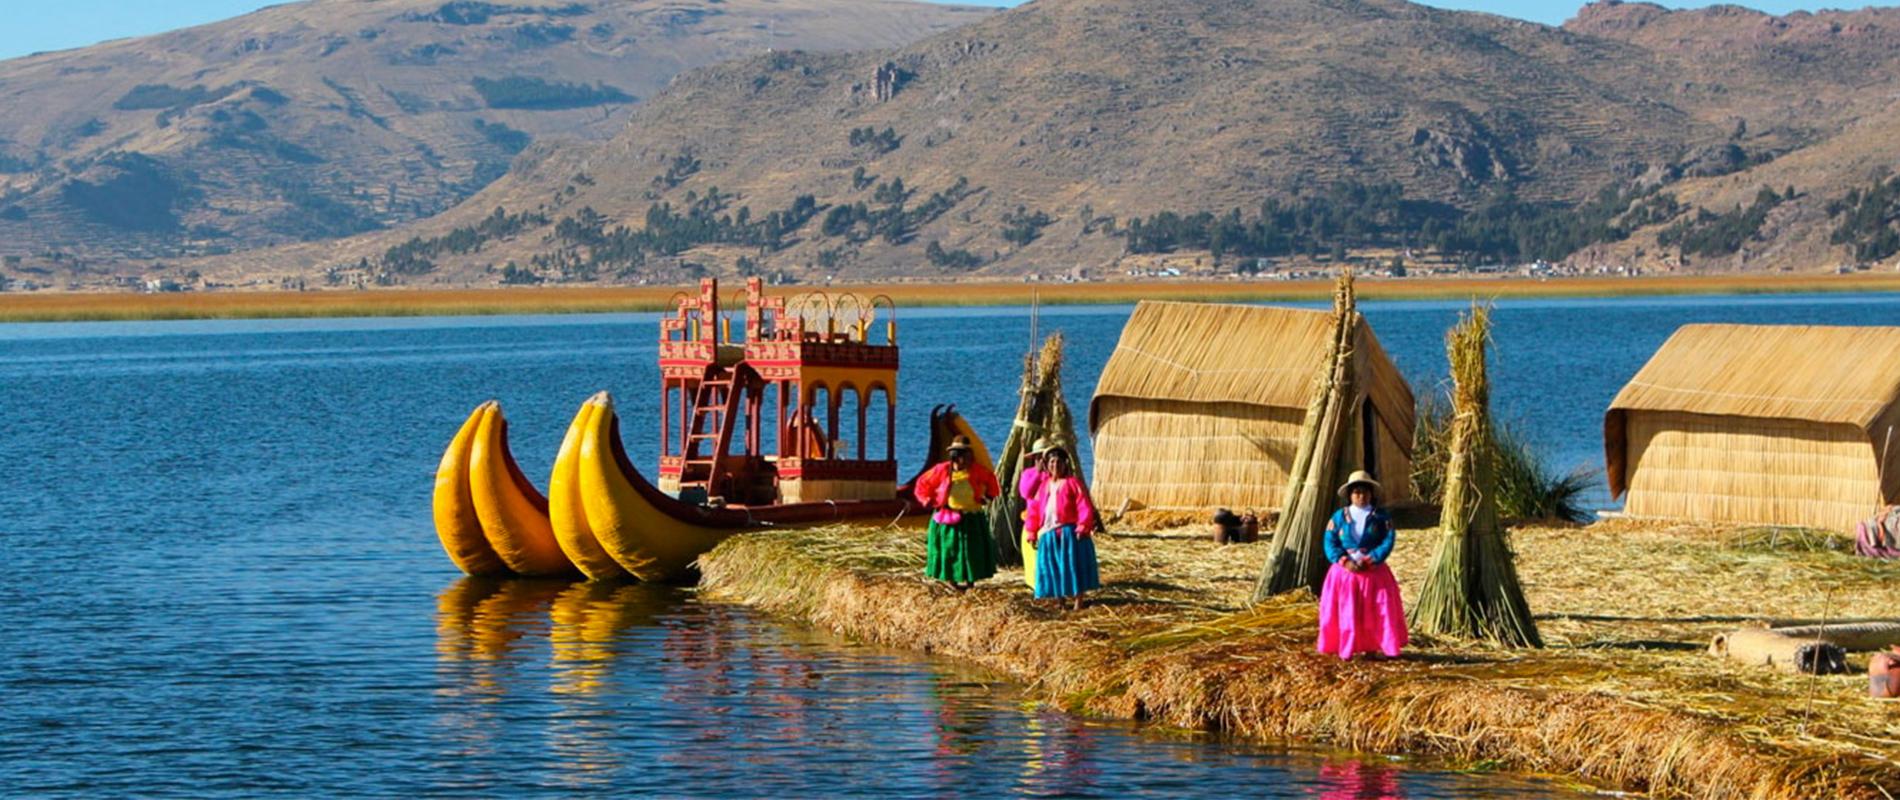 Il Lago Titicaca, le piccole isole galleggianti abitate dalla tribù degli Uros